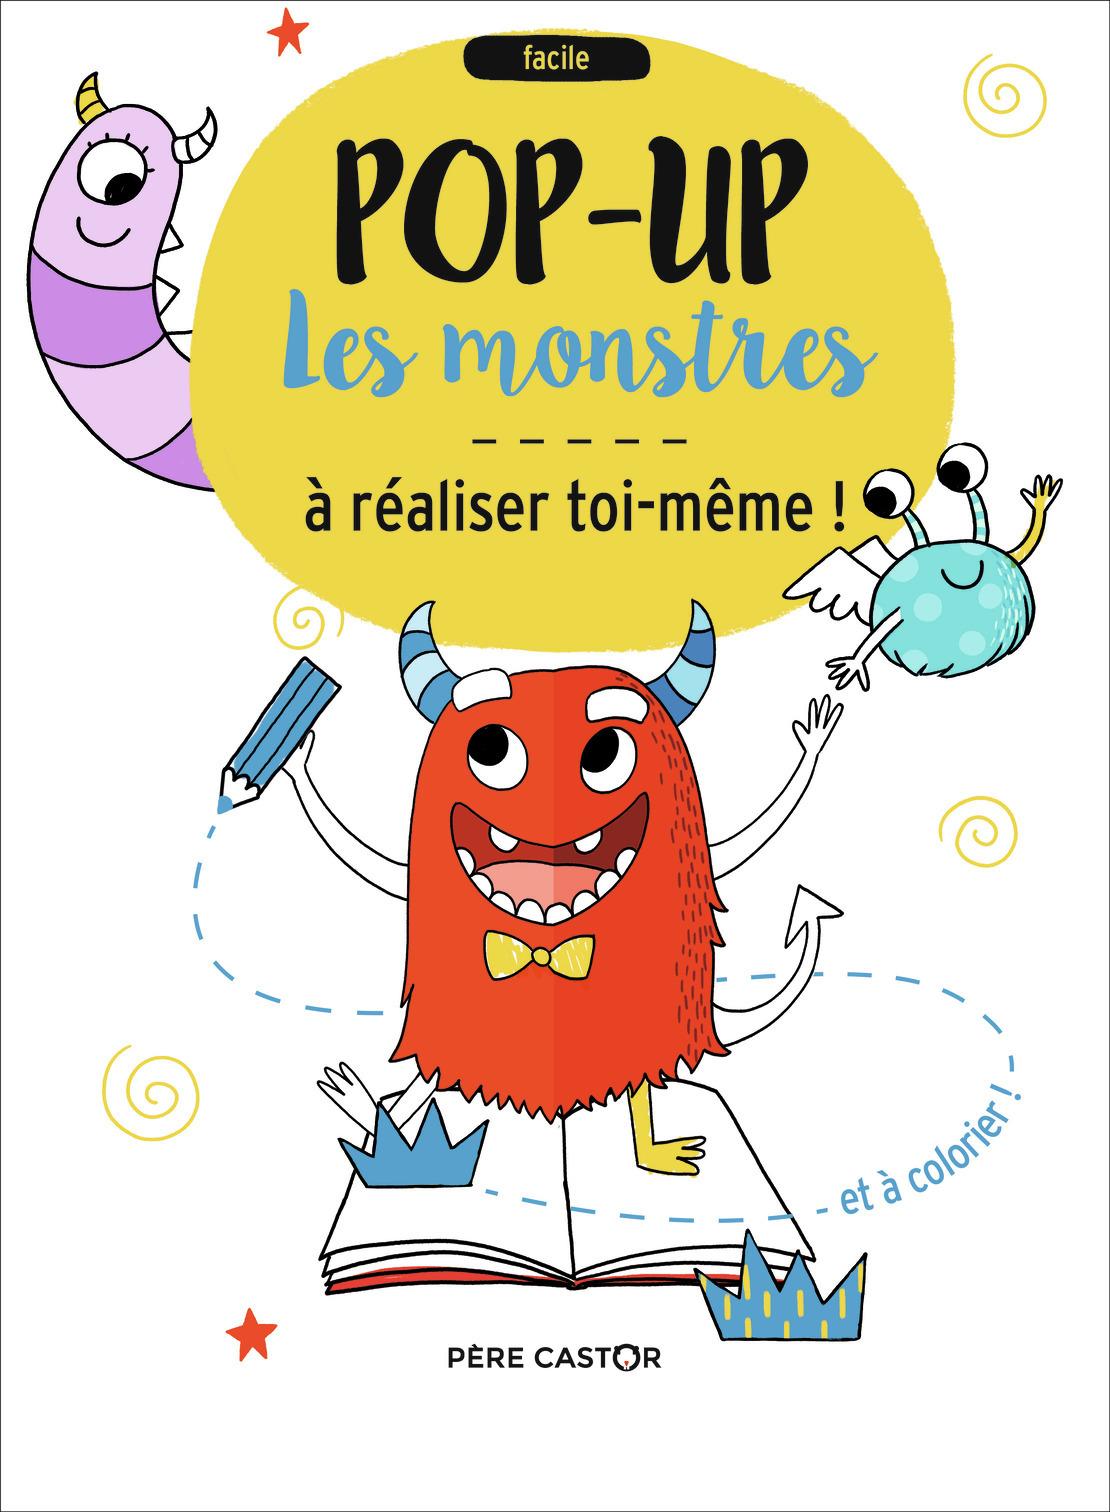 LES MONSTRES - POP-UP A REALISER TOI-MEME !